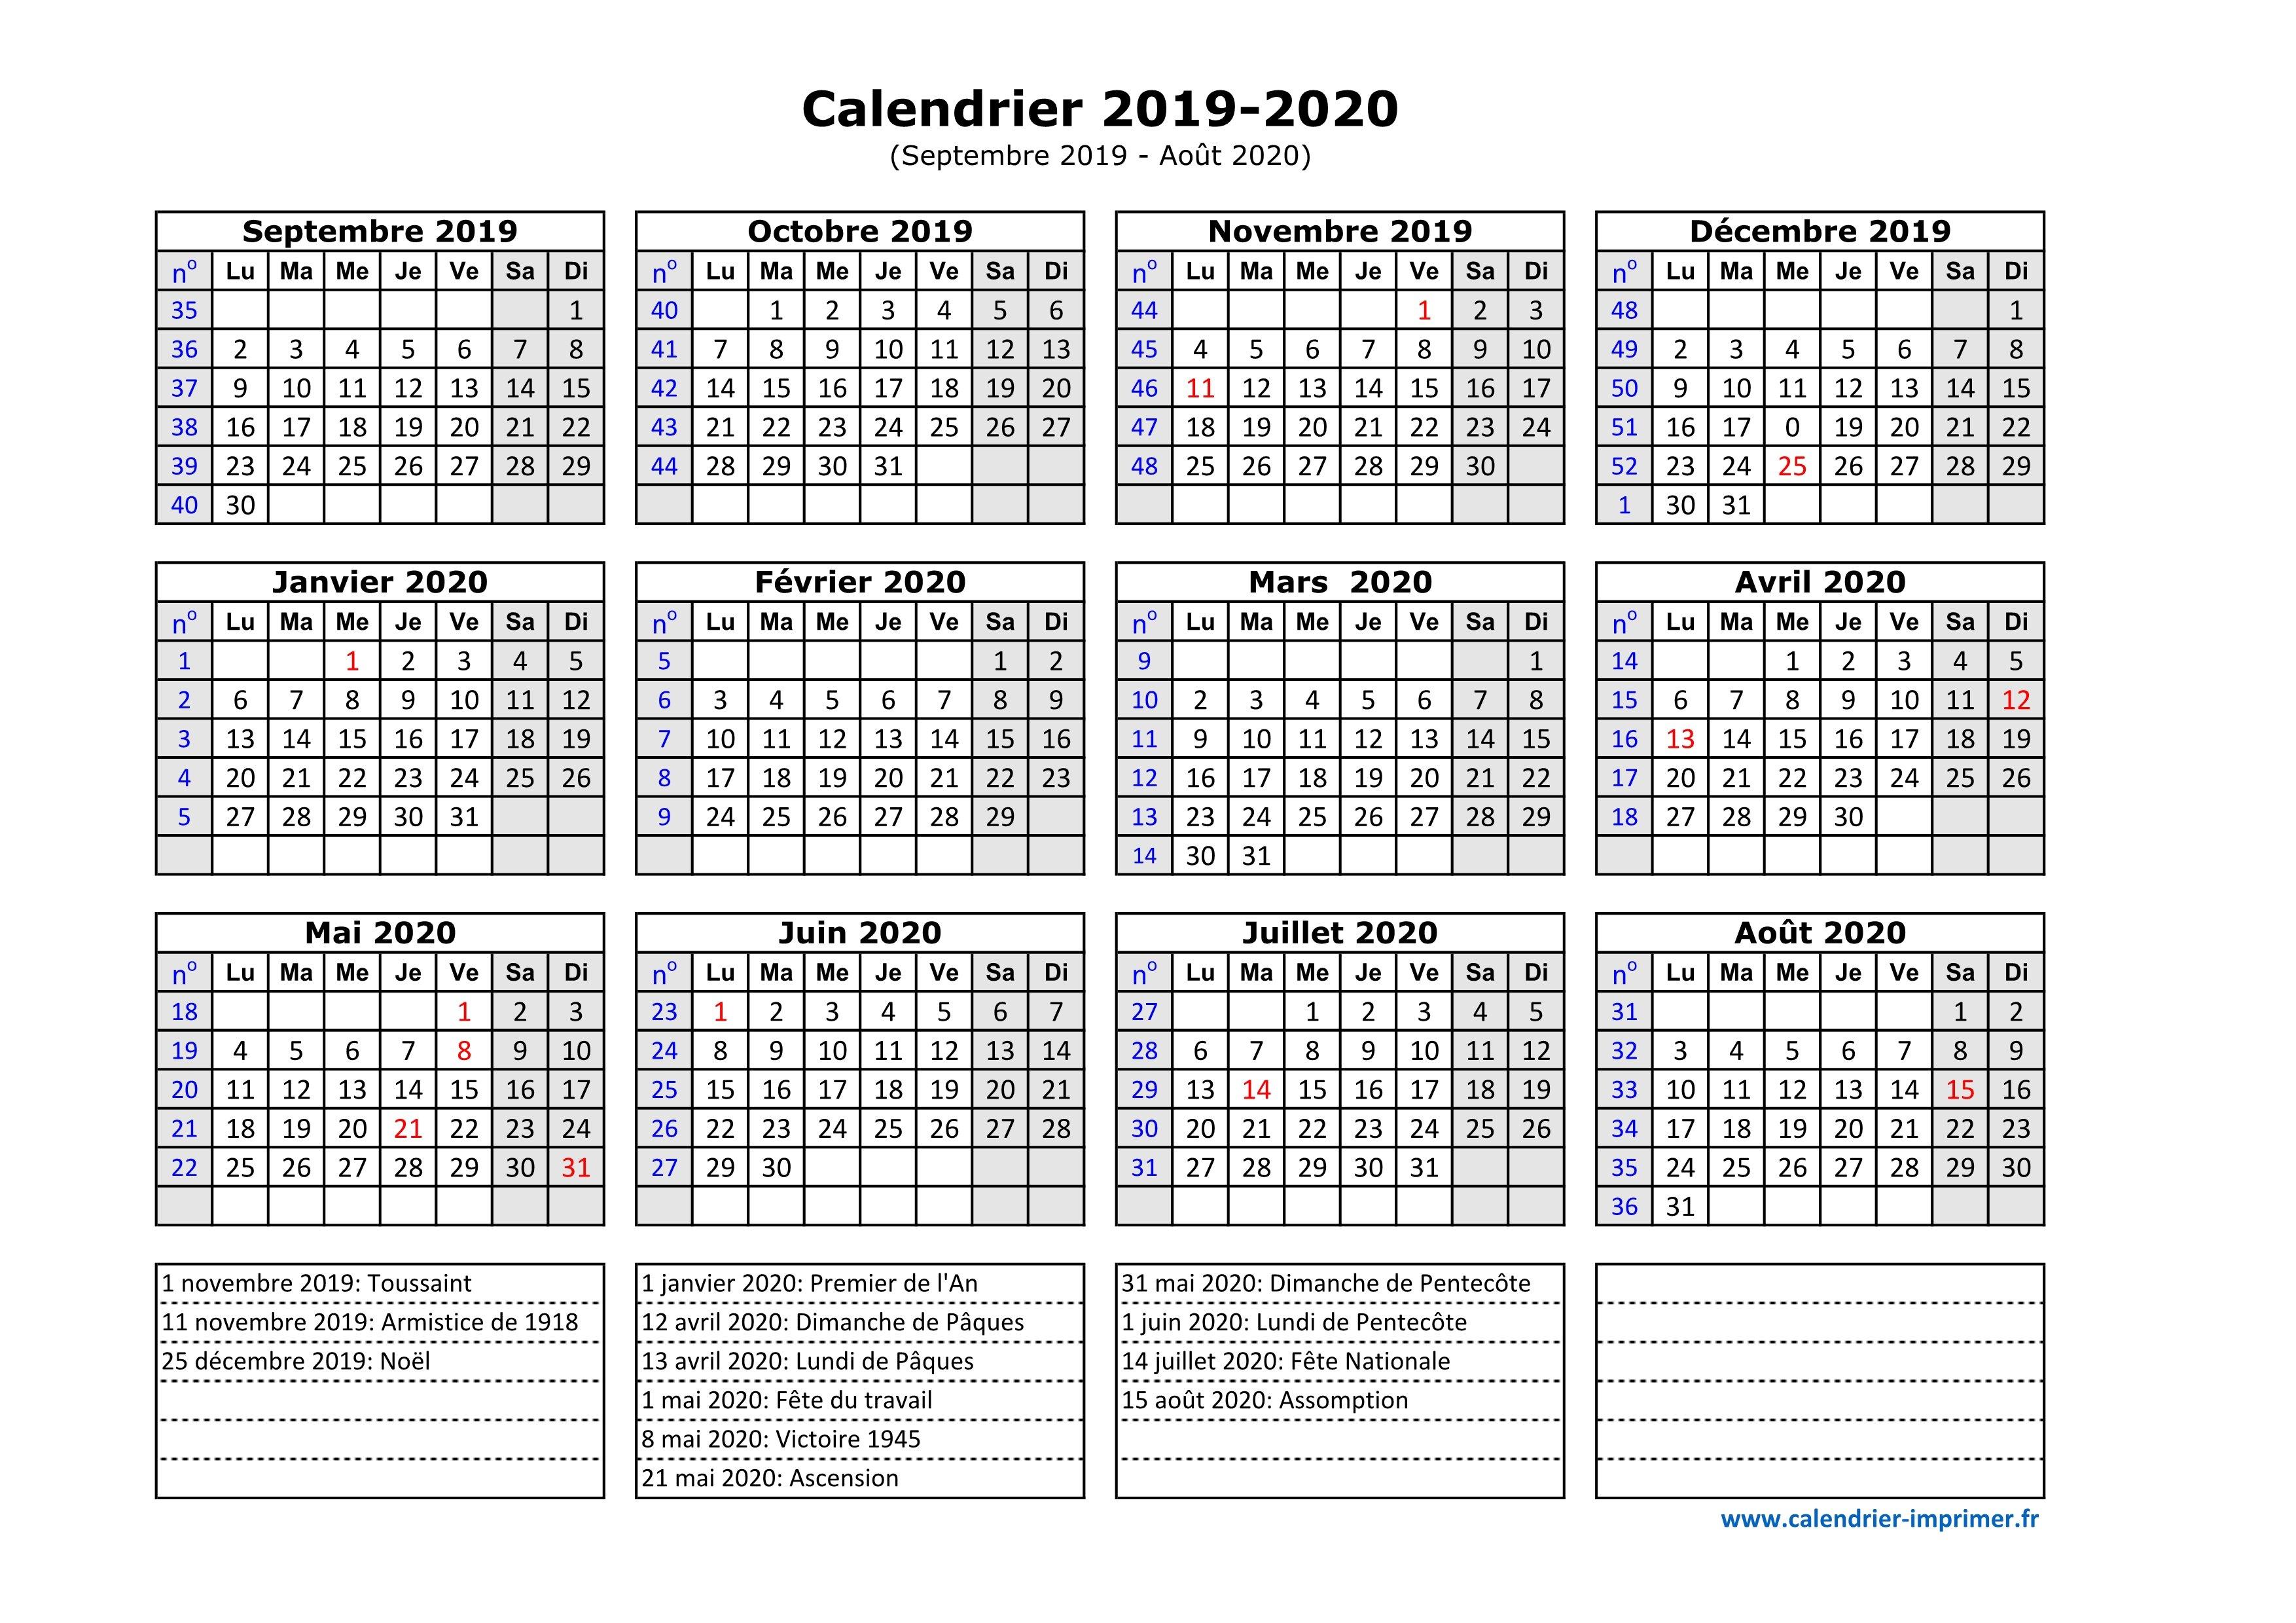 Calendrier Lunaire Juin 2020.Calendrier 2019 2020 A Imprimer